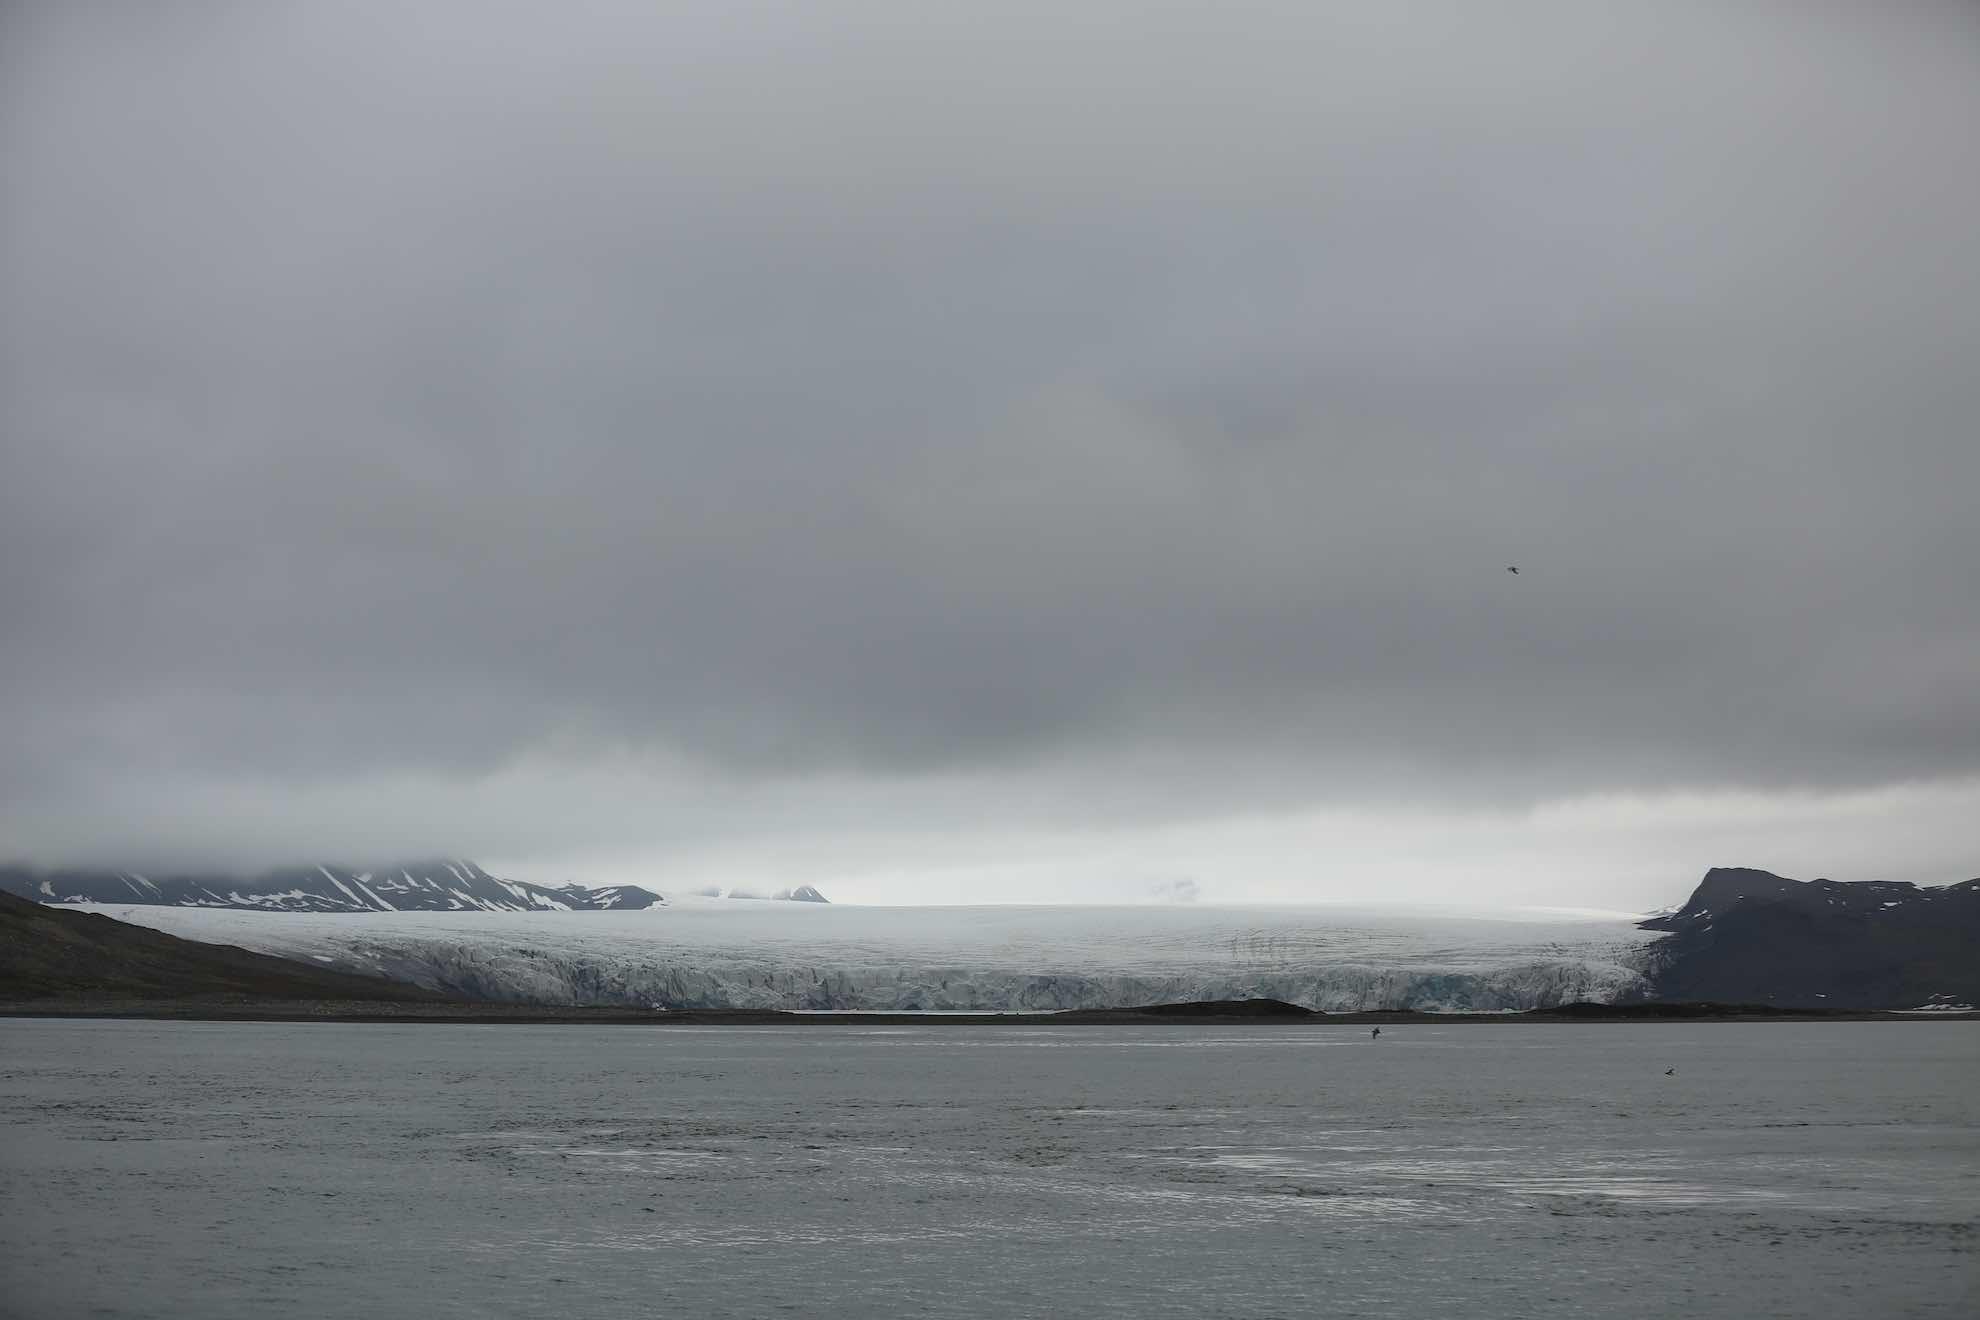 Wir fahren in den Bellsund, einen gut 12 Meilen langen Fjord, der sich nach Osten weiter verzweigt.